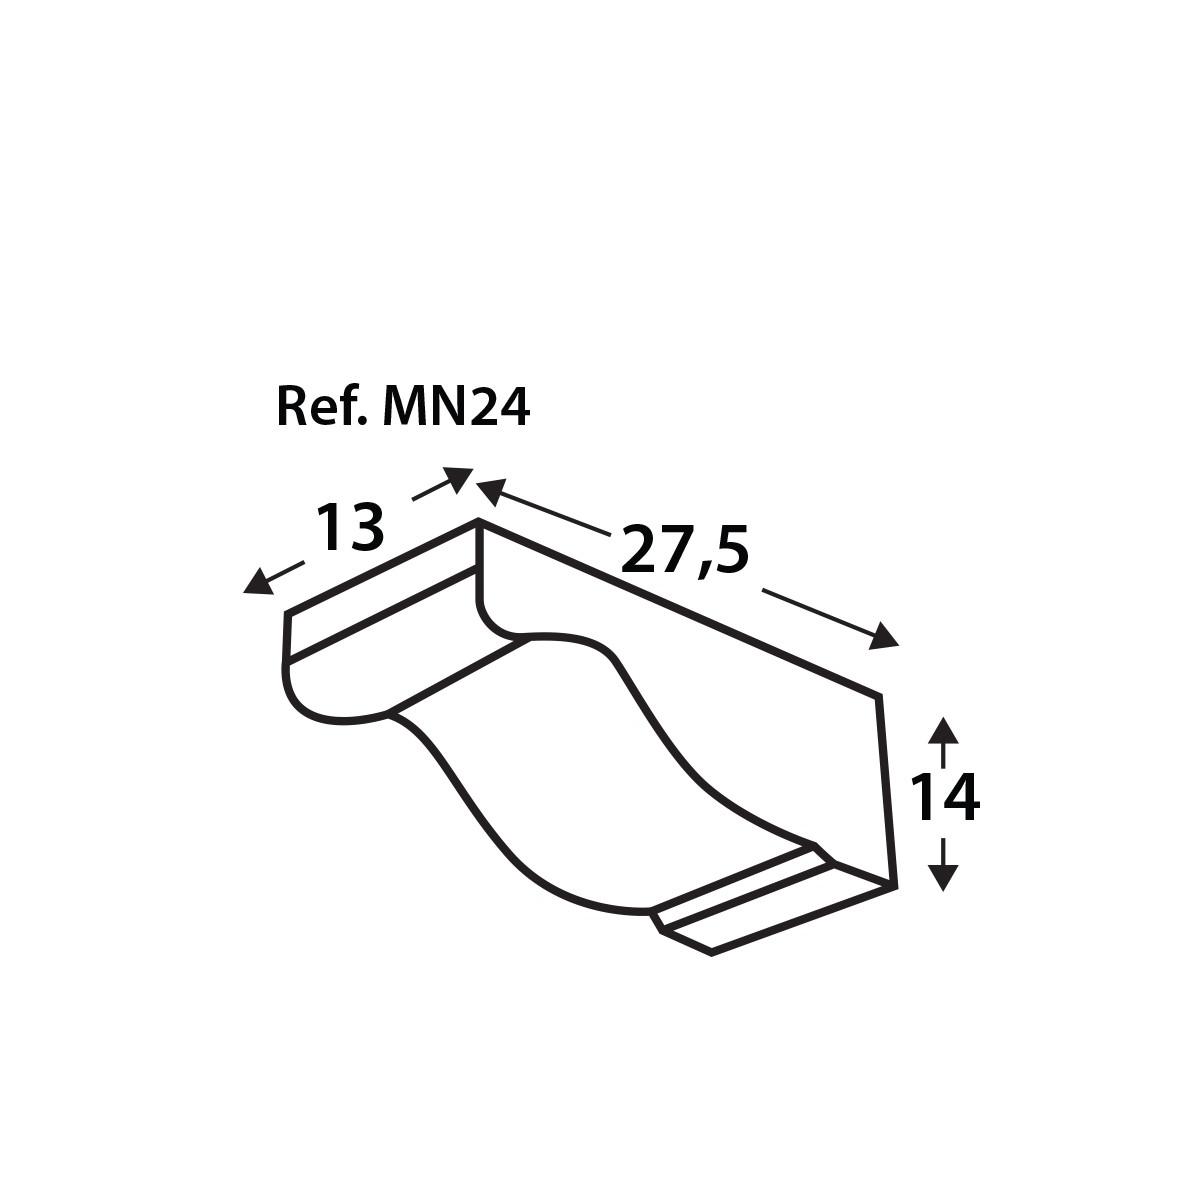 Ménsula MN24 - Ménsulas imitación madera de poliuretano - Marca Grupo Unamacor